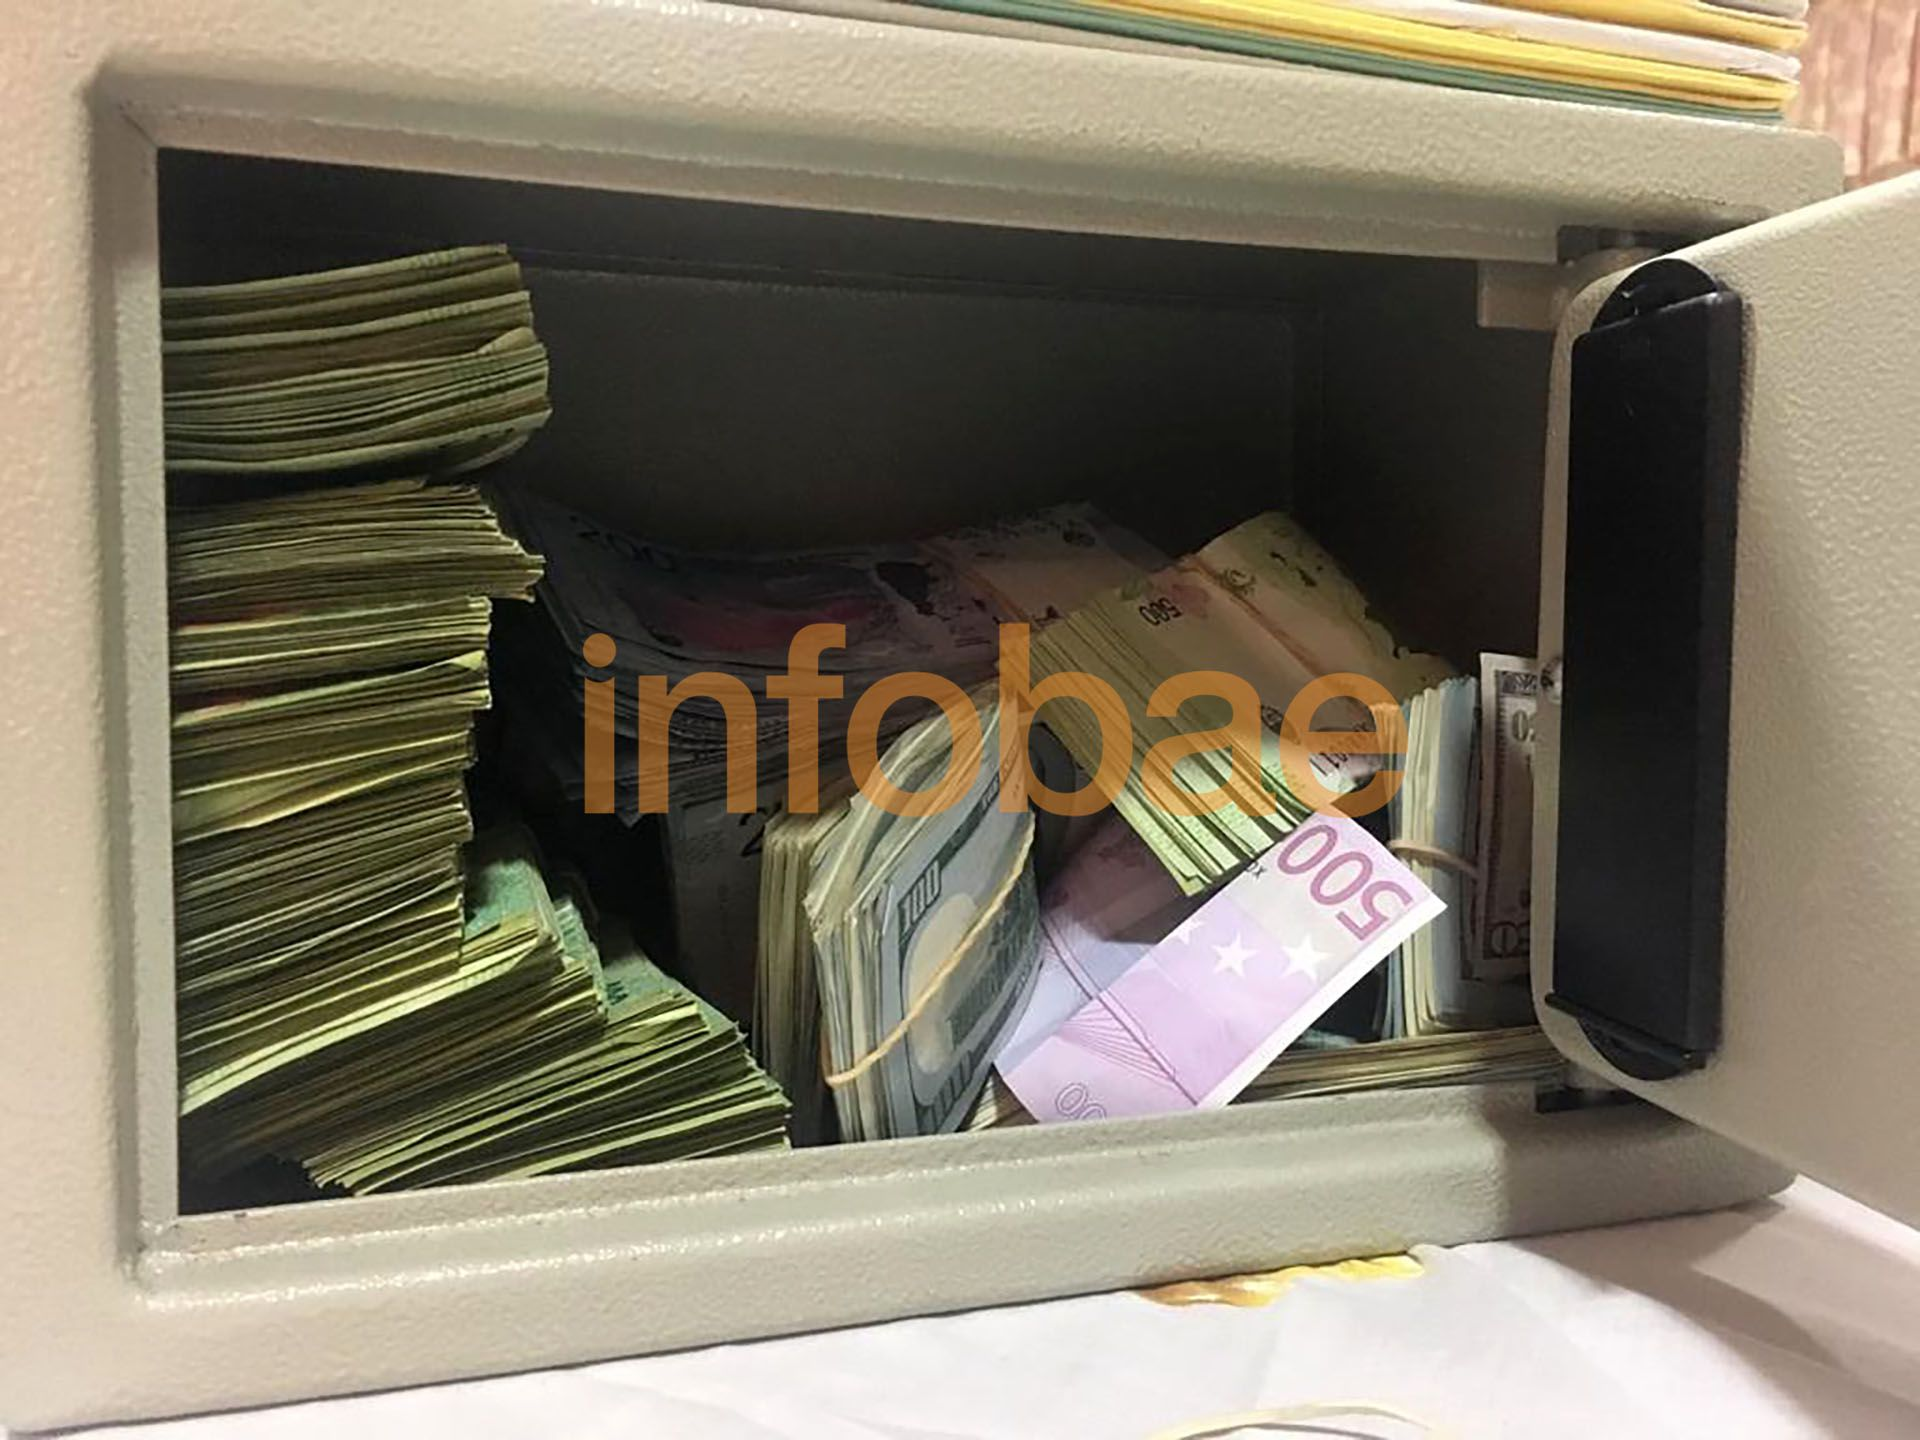 En los procedimientos la policía secuestró billetes de distintos orígenes, joyas y hasta fichas de casino